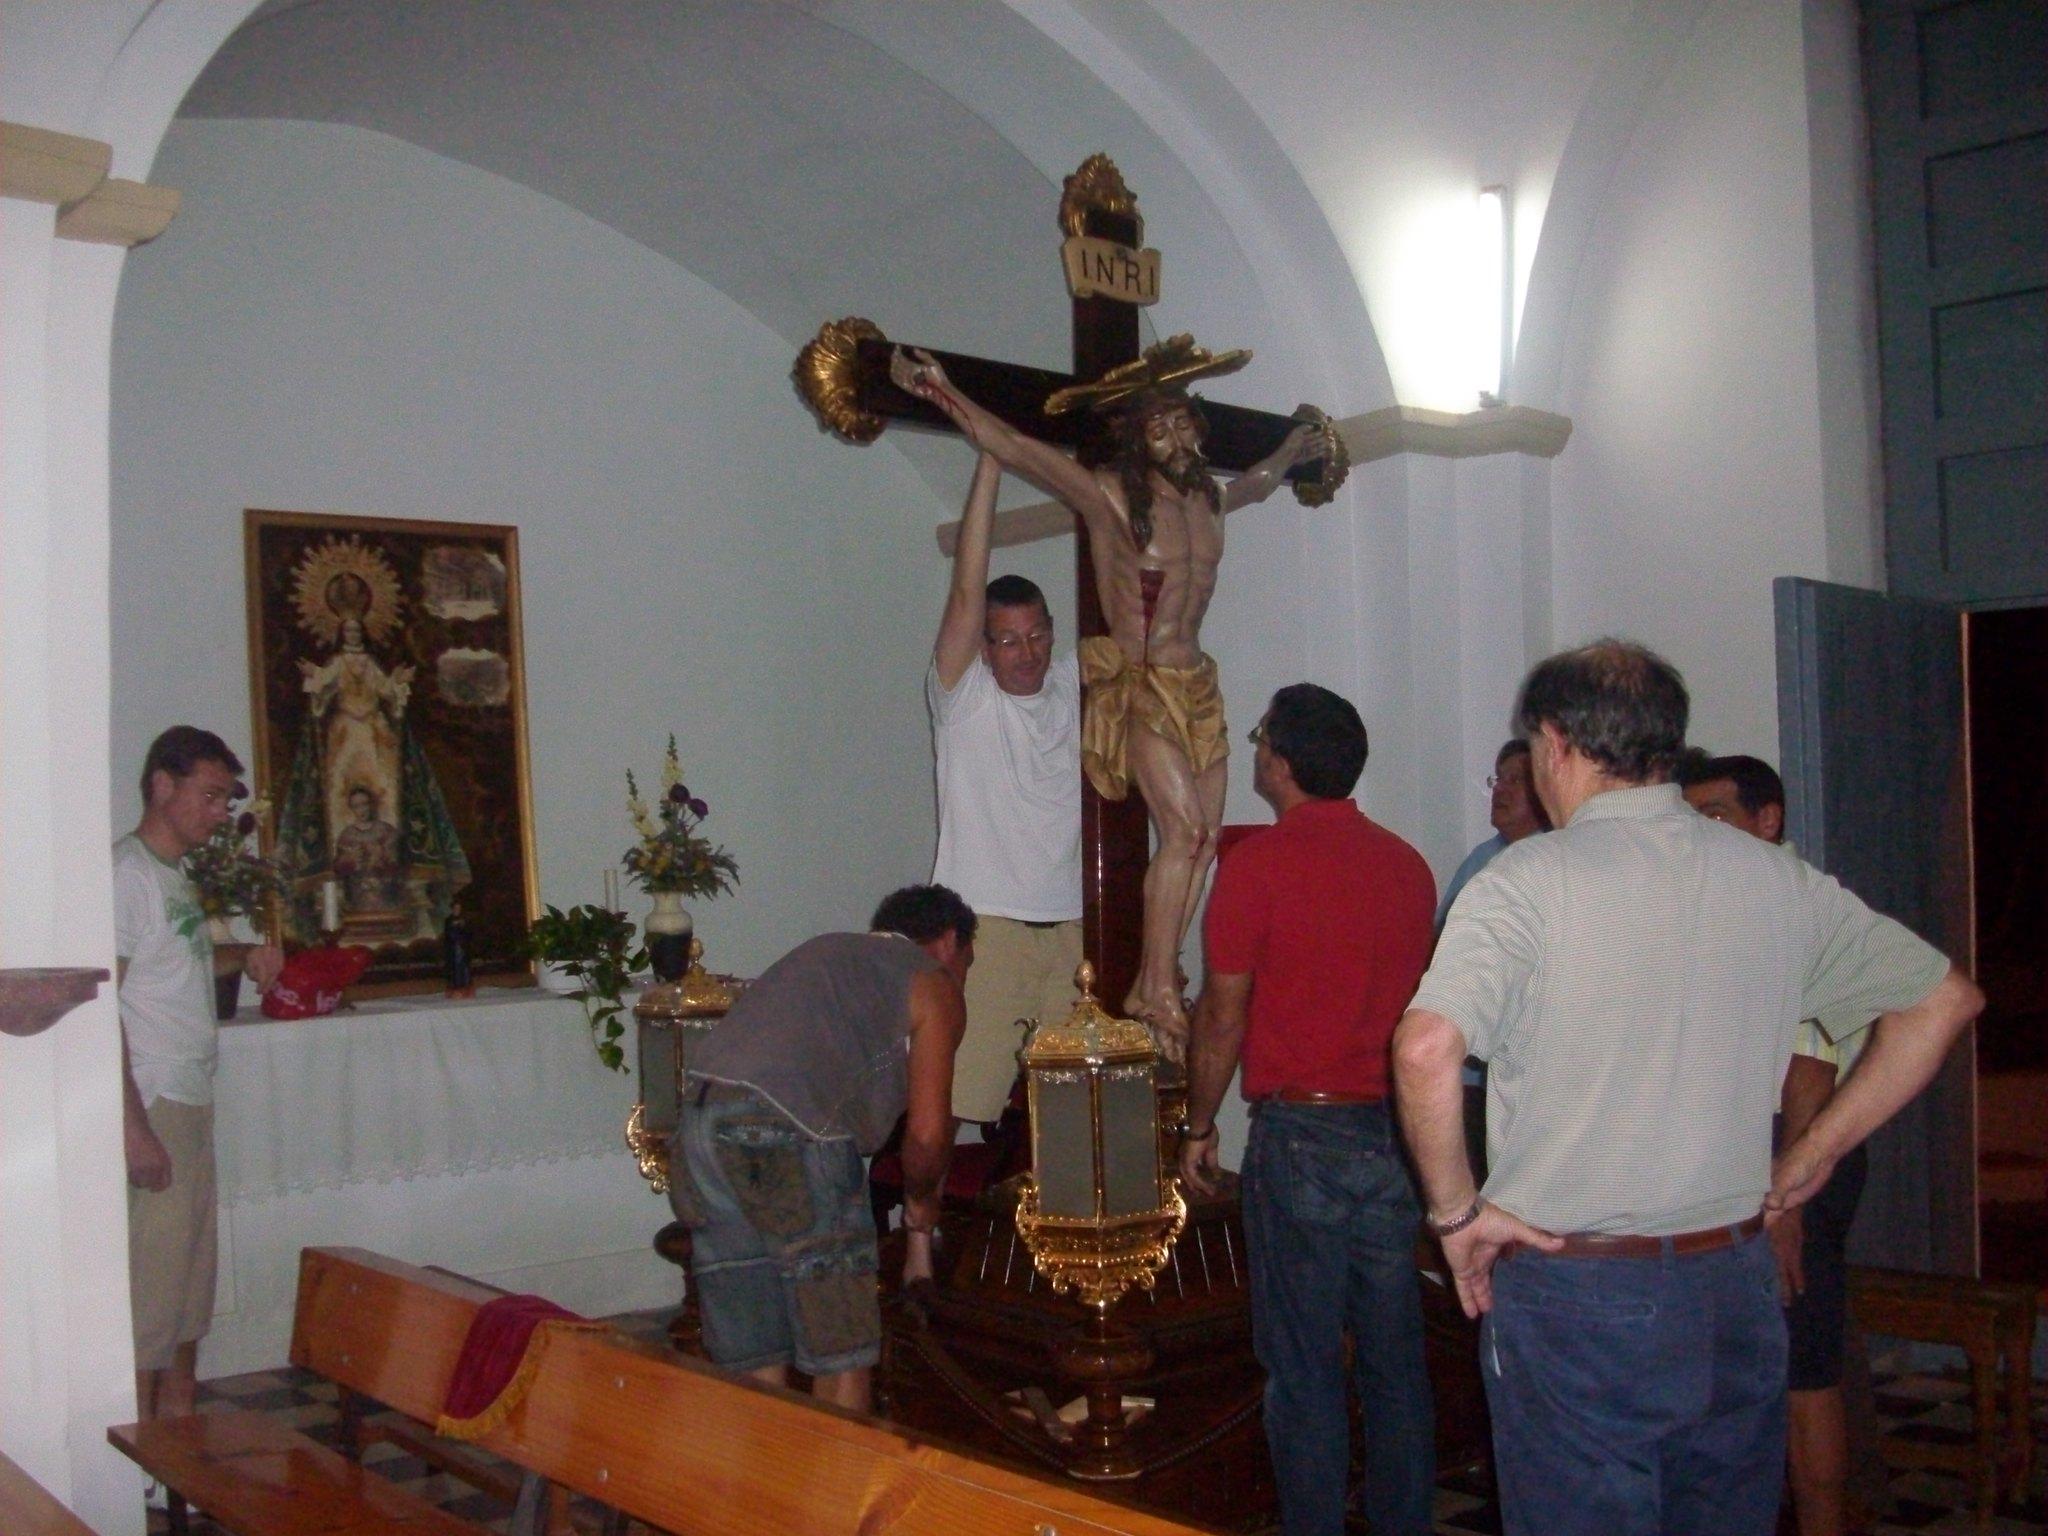 (2010-06-22) - Preparativos Imagen - Javier Romero Ripoll - (13)